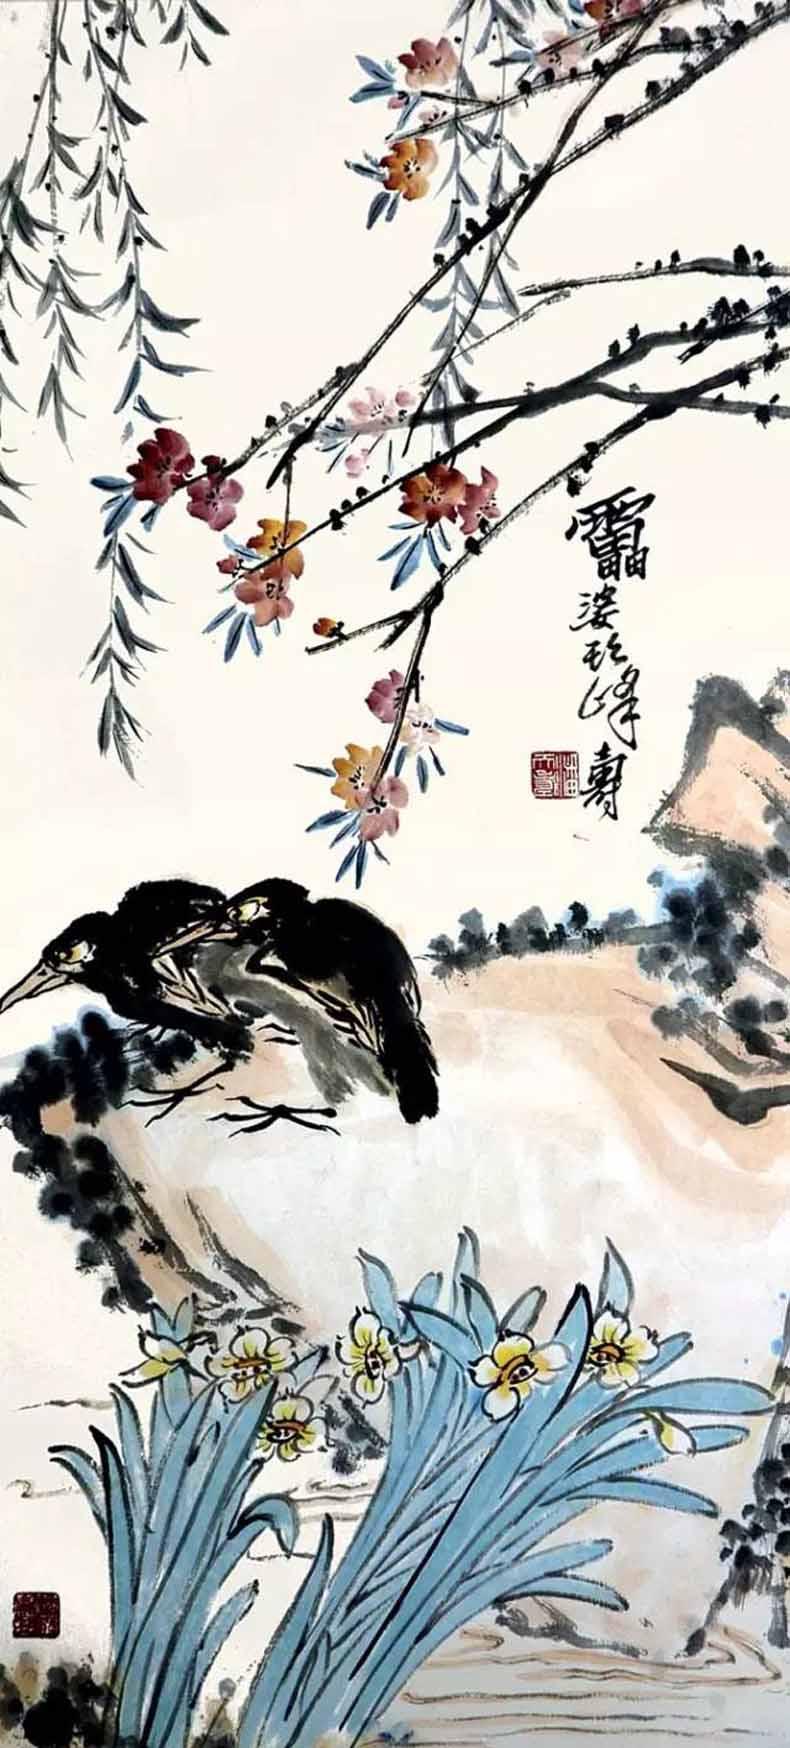 潘天寿 鹰石水仙